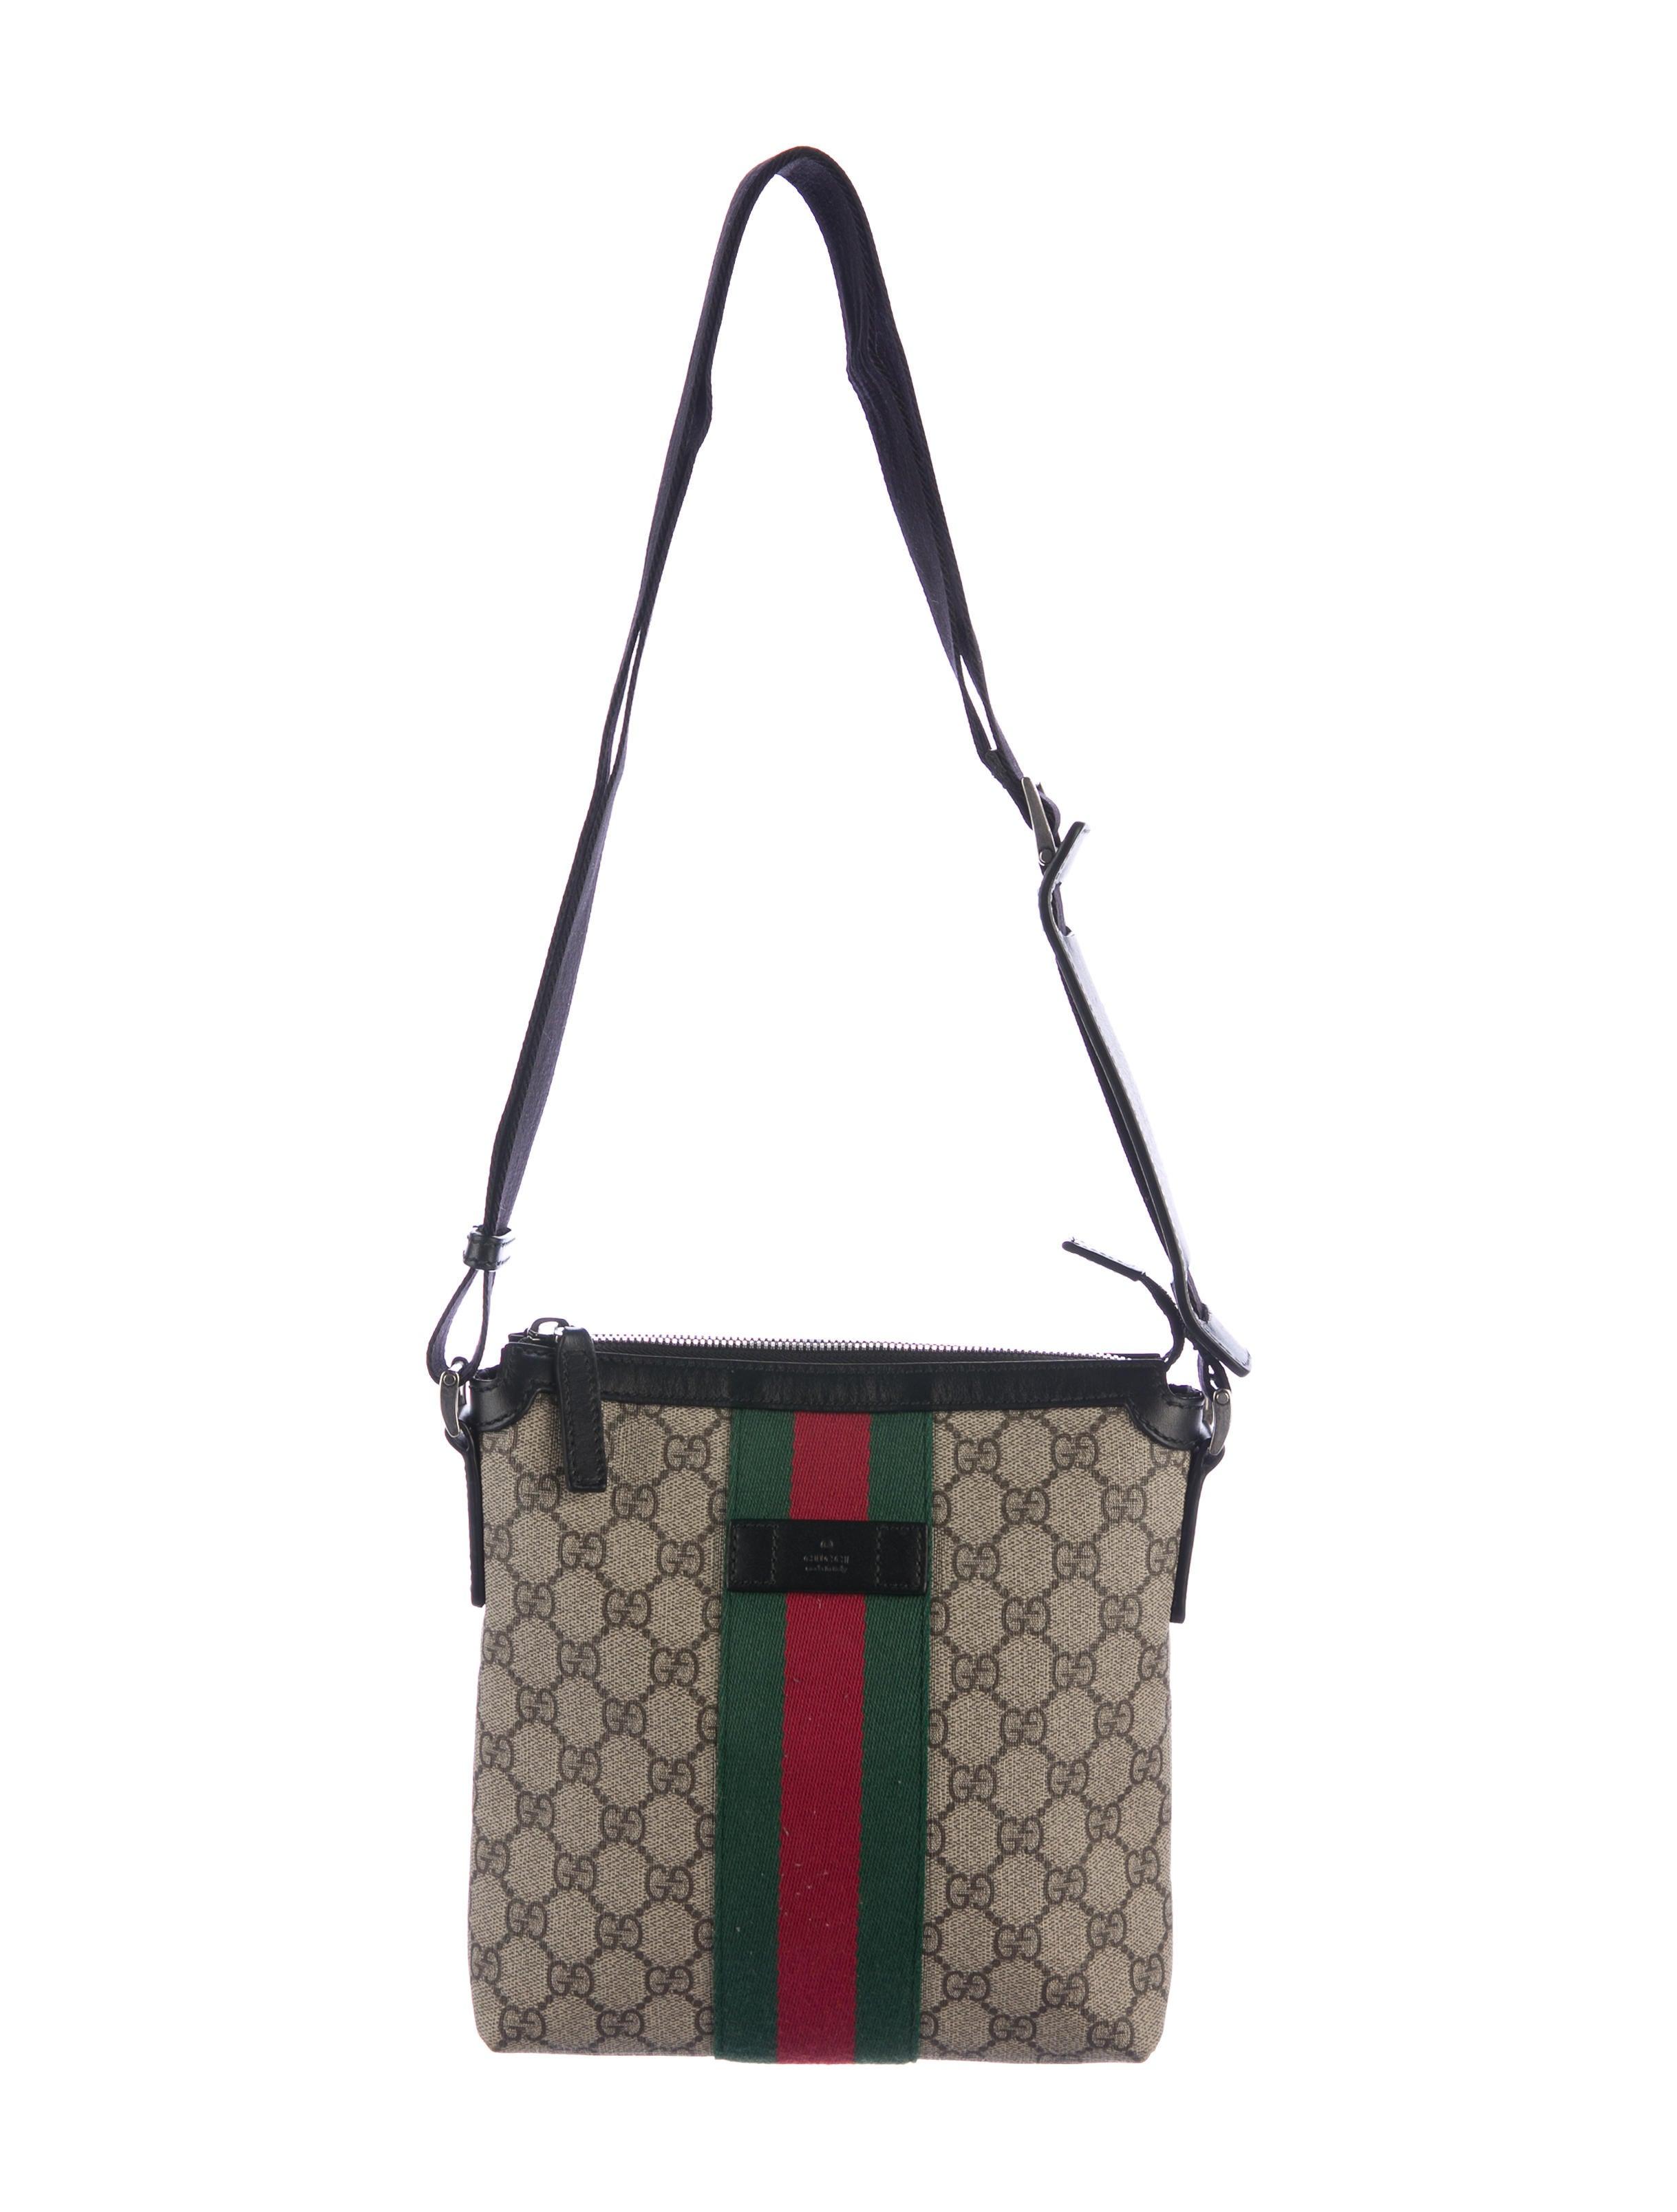 74bb60600c4 Gucci Web GG Supreme Flat Messenger Bag - Bags - GUC162009 | The RealReal